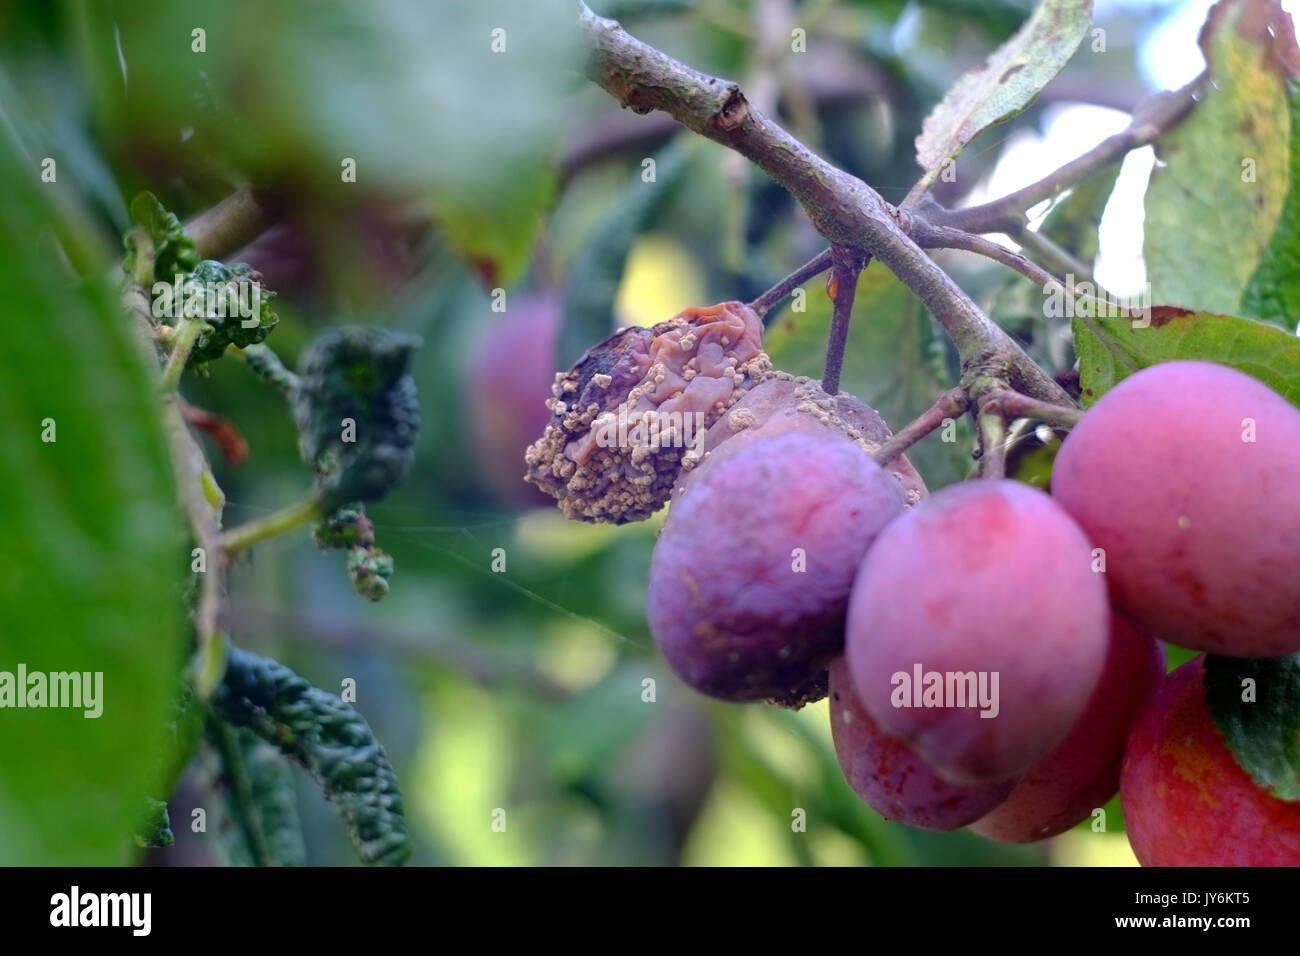 Victoria Pflaumen, die Anzeichen von Krankheit und Obst rot. Stockbild